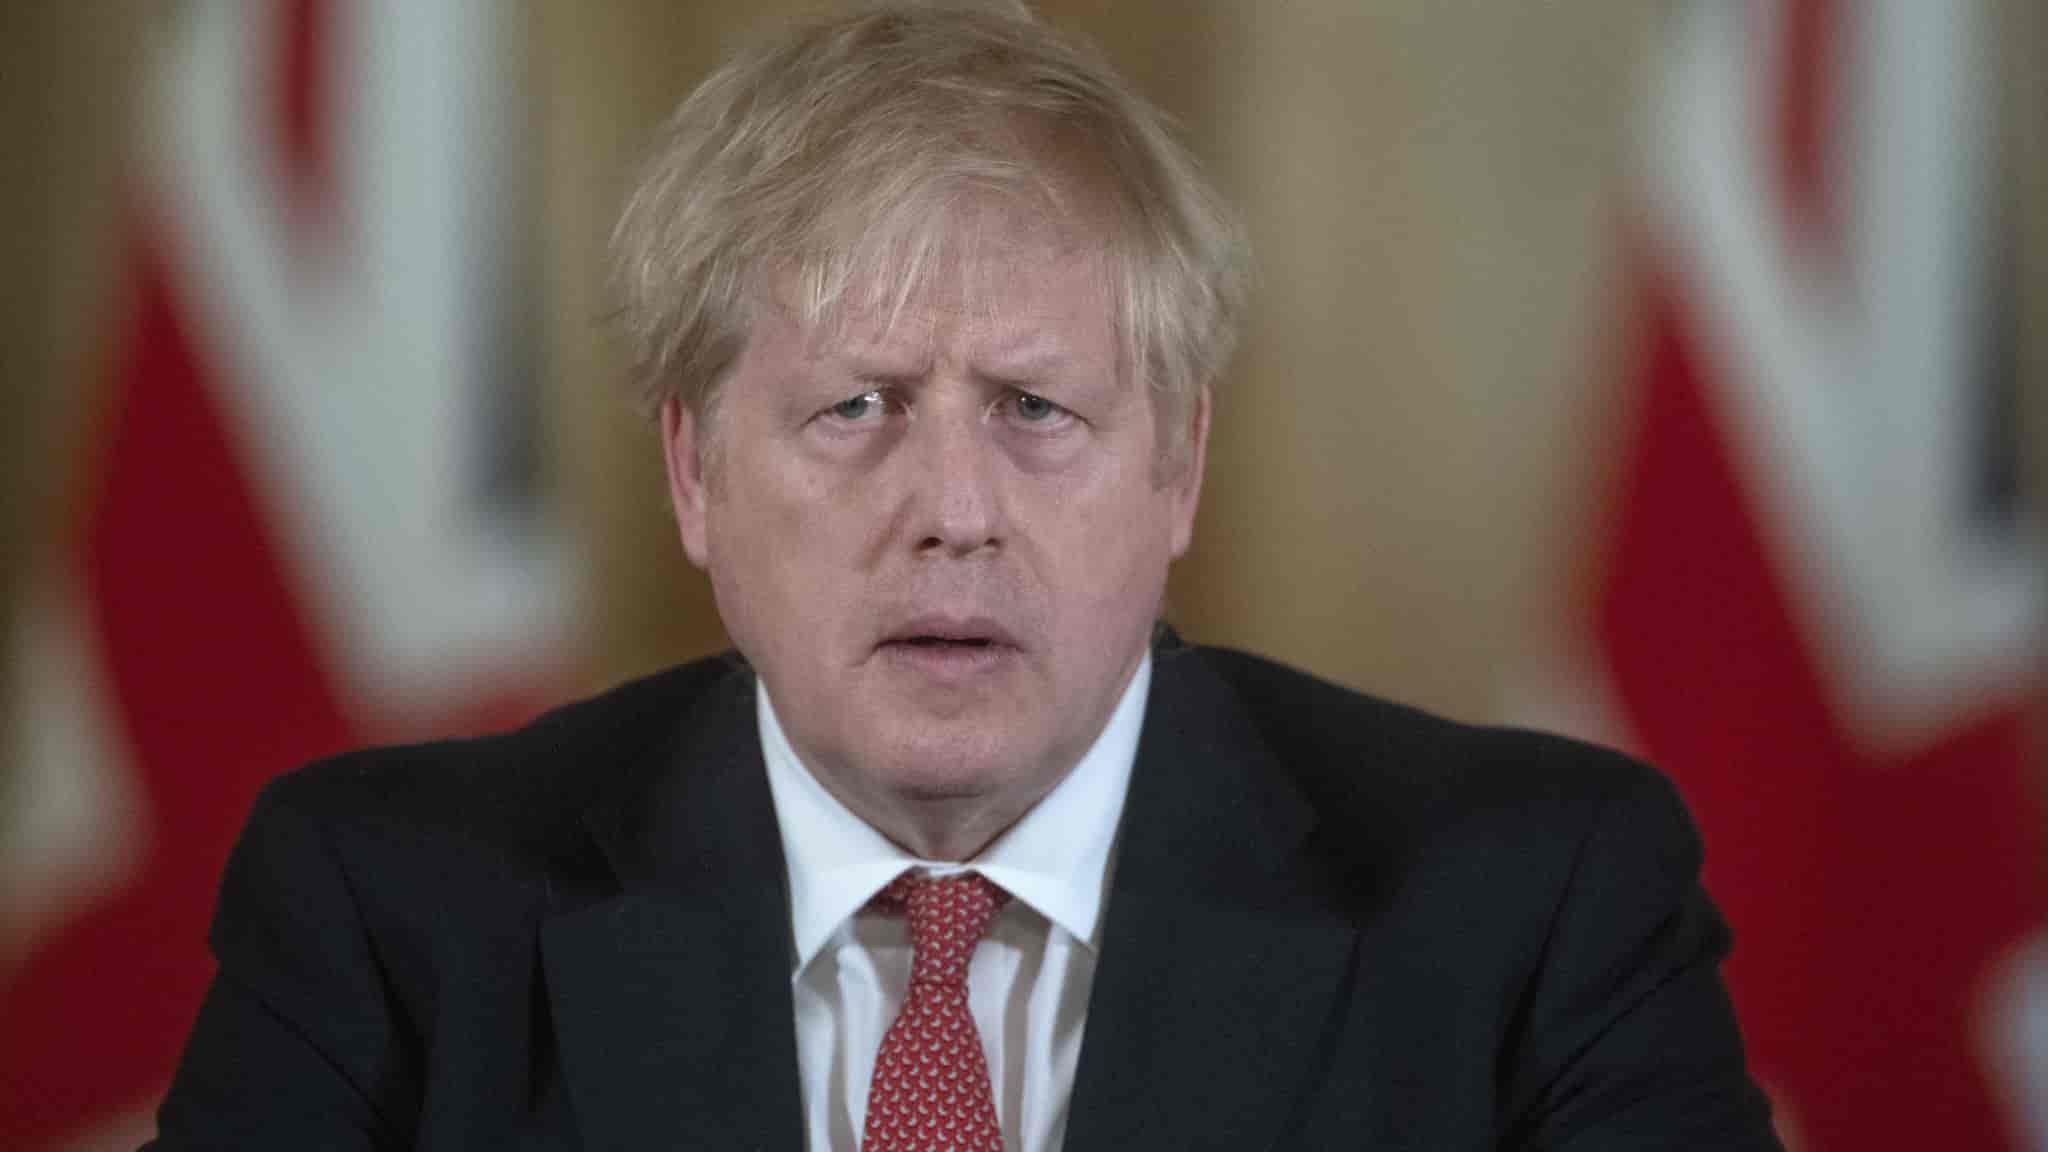 Johnson scraps Delhi trip; United Kingdom puts India on virus 'red list'